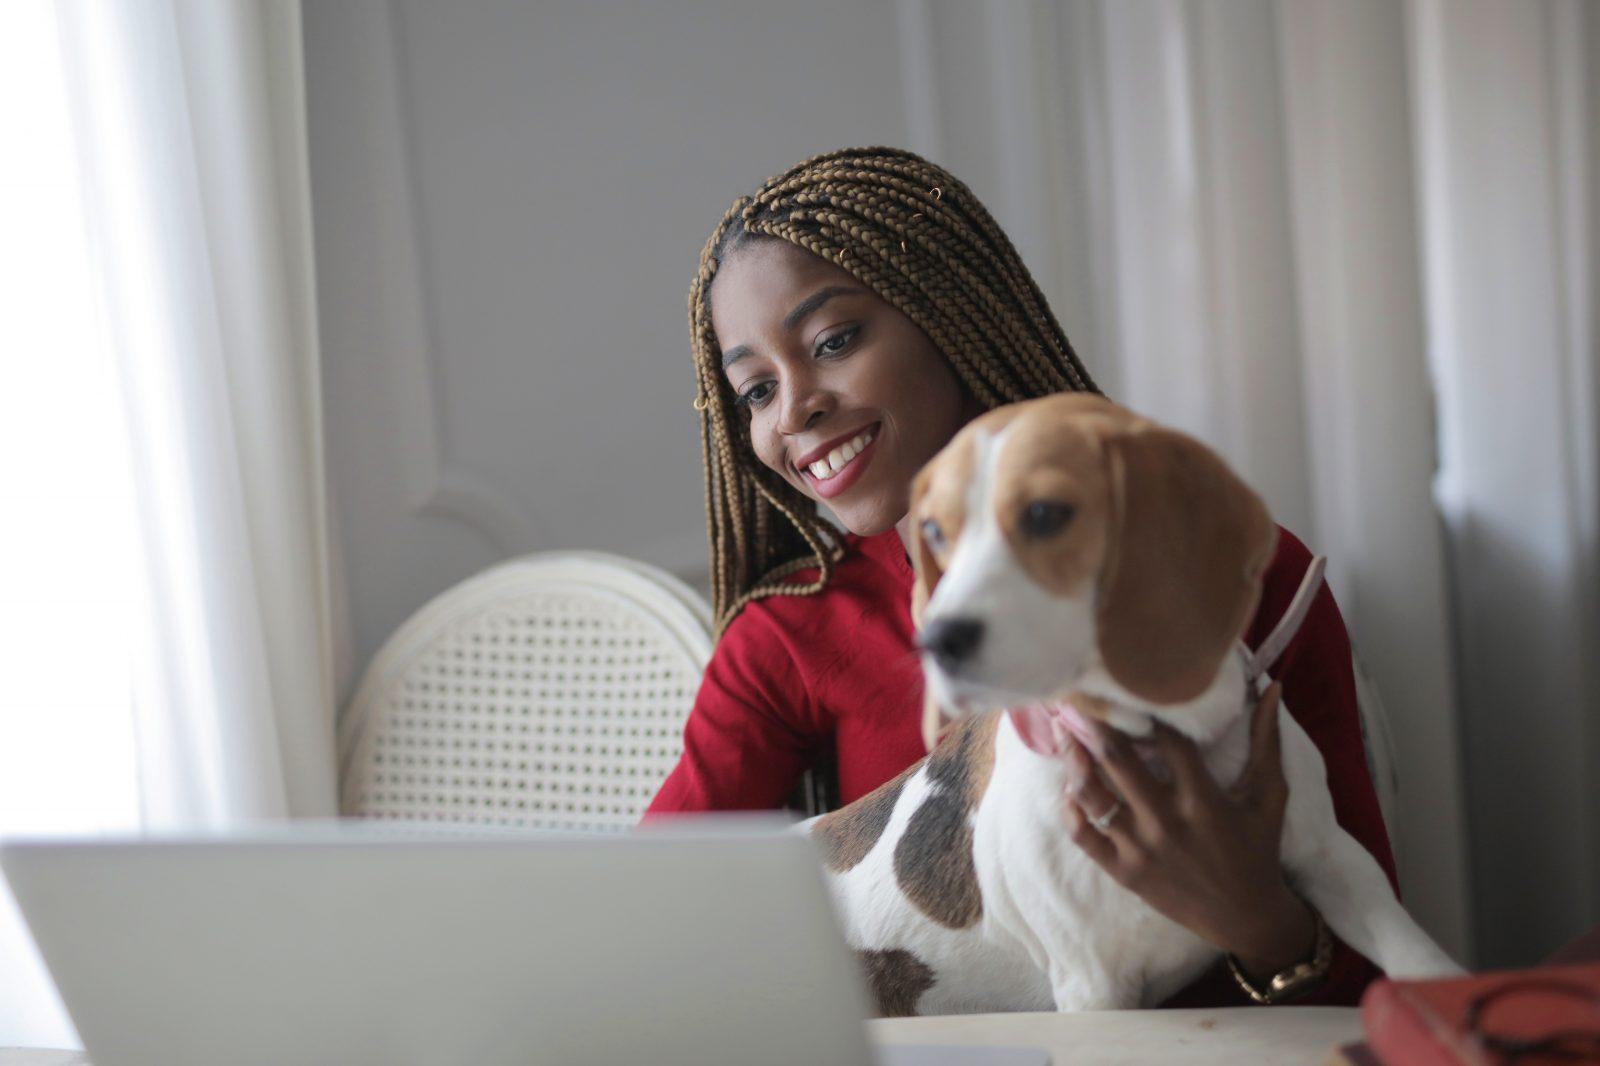 cuidados com os caes e gatos faq - Informativo COVID-19 e os pets, quais os cuidados necessários?